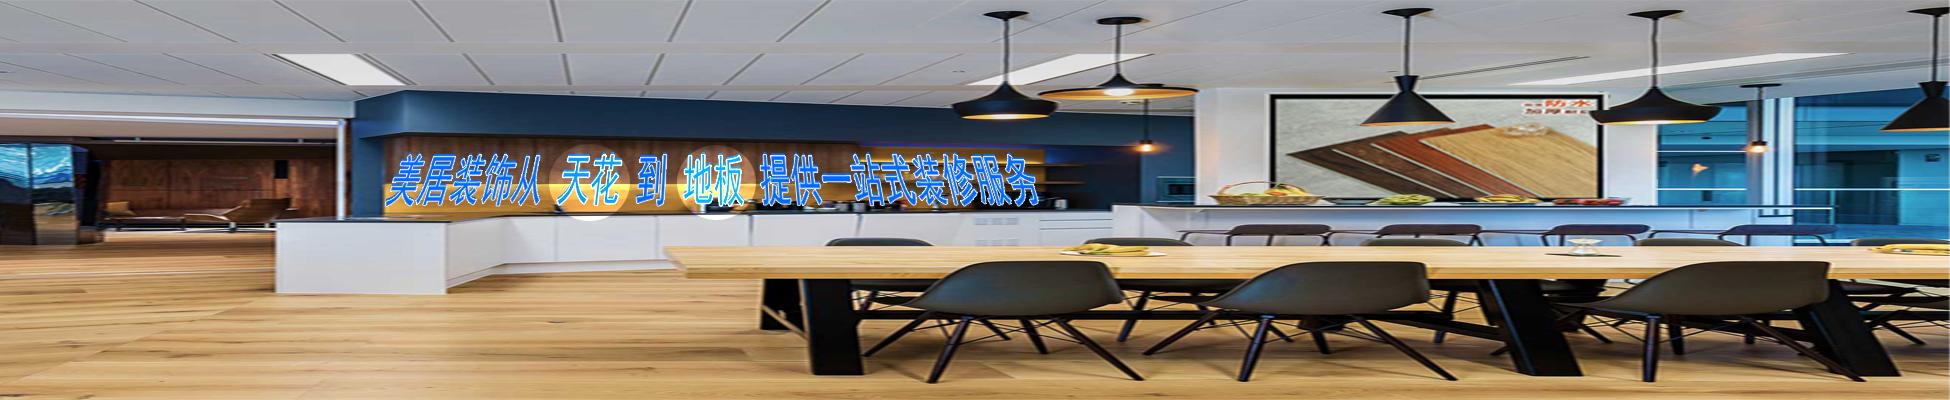 廣州裝修公司-廣州市美居建筑裝飾有限公司 提供地板定制安裝,鎖扣地板,pvc塑膠地板,地坪自流平裝修